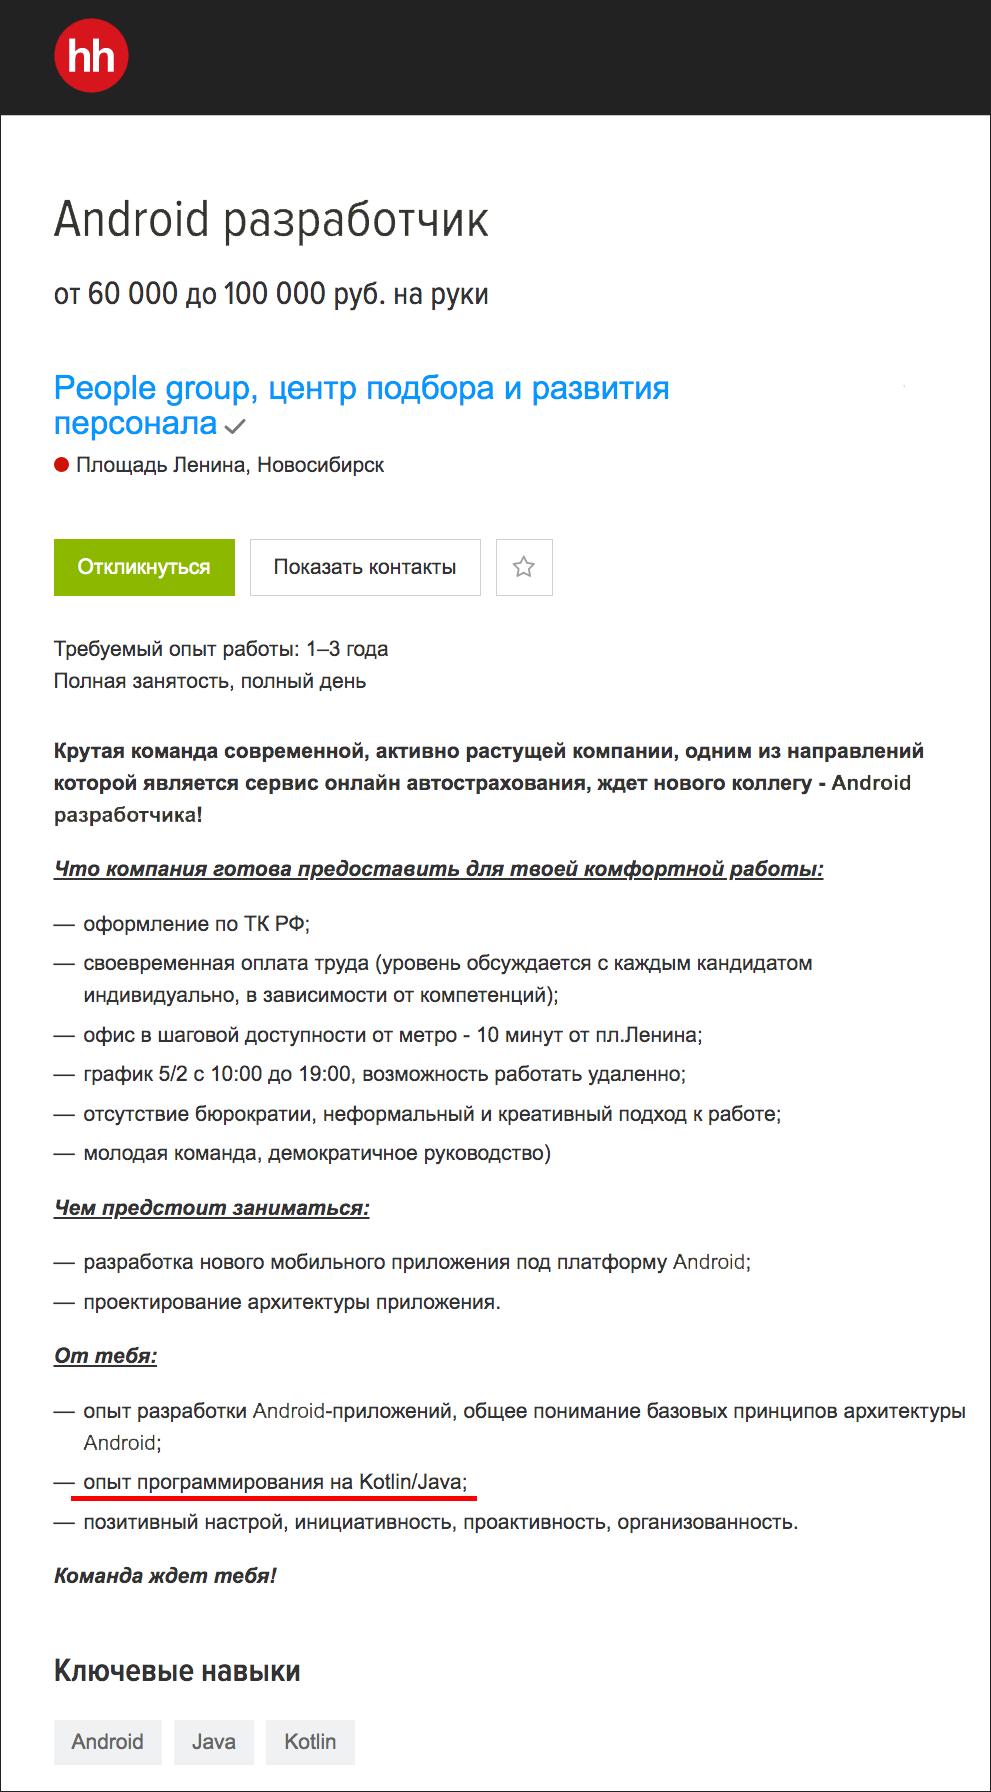 На каком языке пишутся приложения для Android